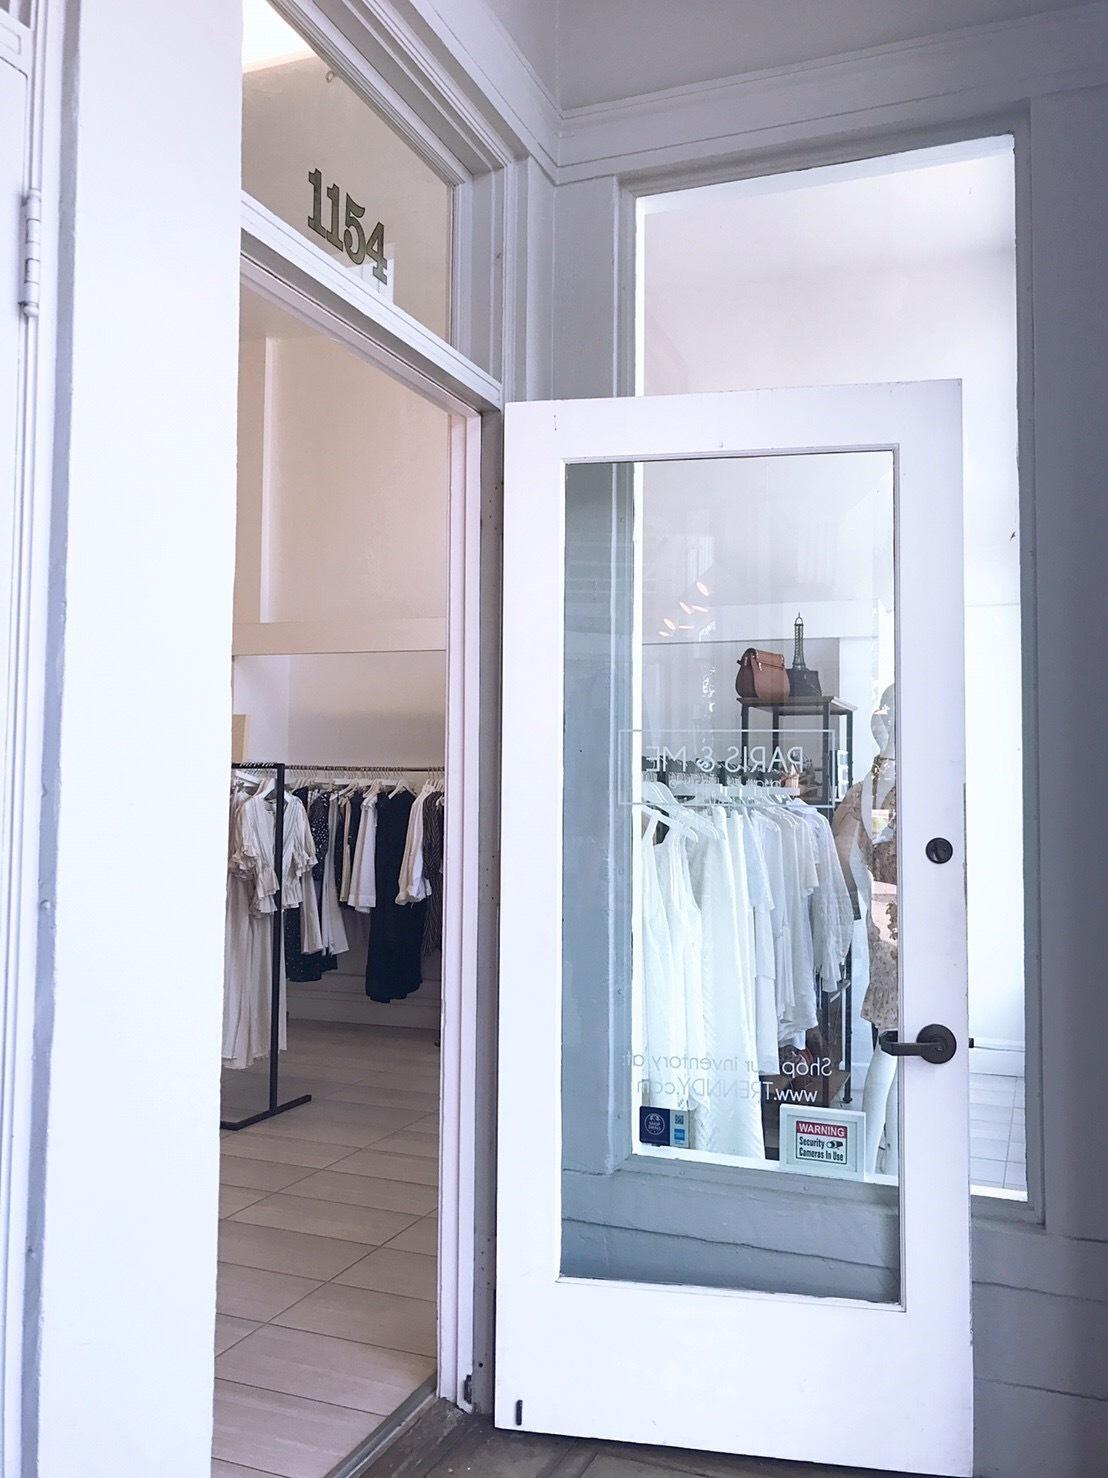 YCINA NEO online store